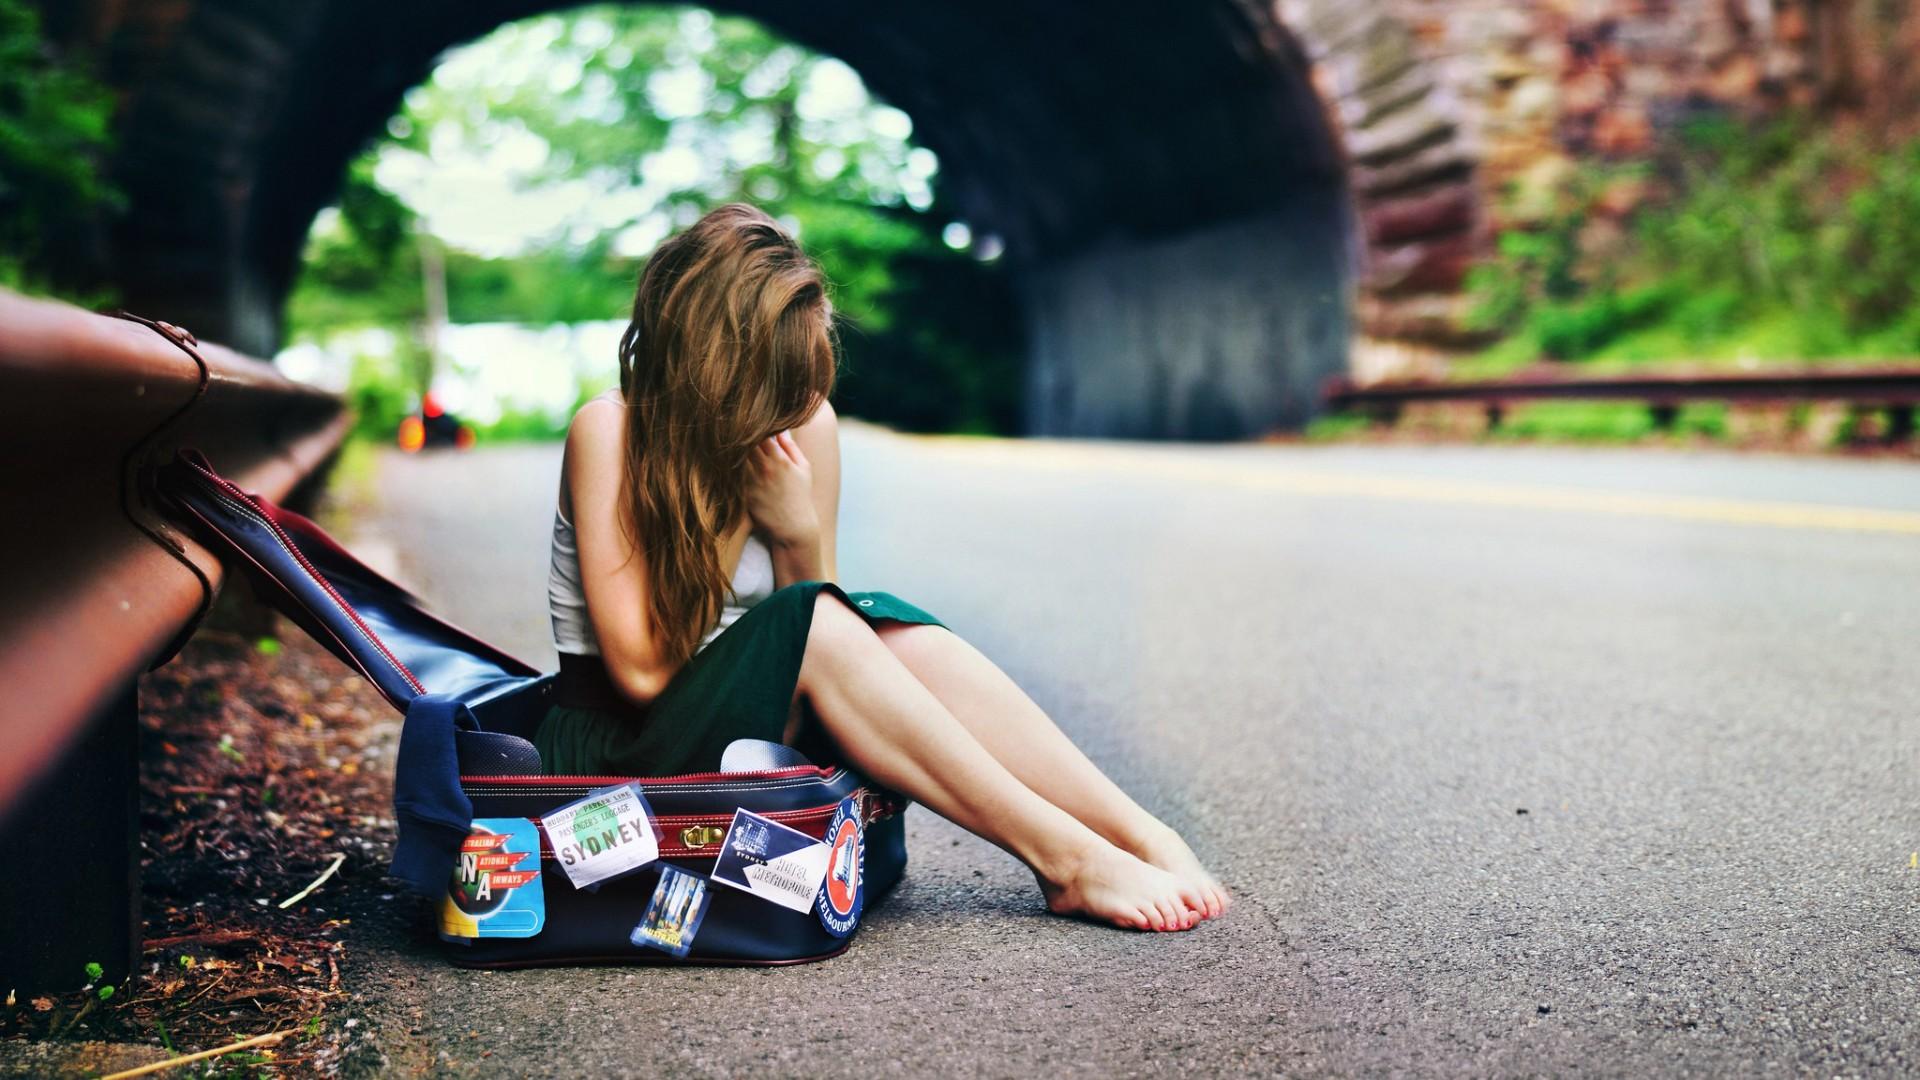 можно ли делать фотографии на дороге как самостоятельно